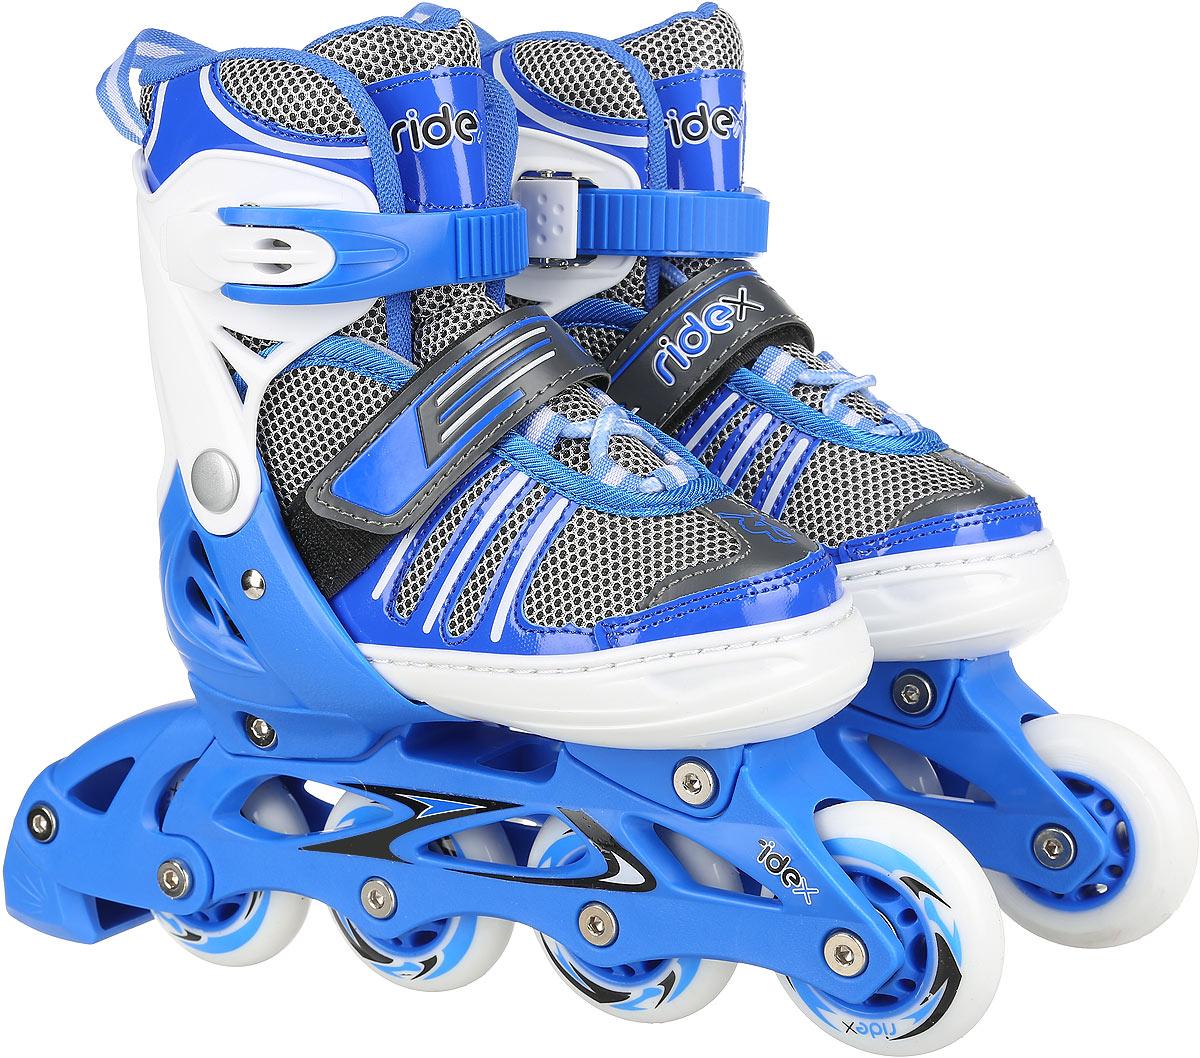 Коньки роликовые Ridex Ringo, раздвижные, цвет: белый, голубой, серый. УТ-00008102. Размер 34/37